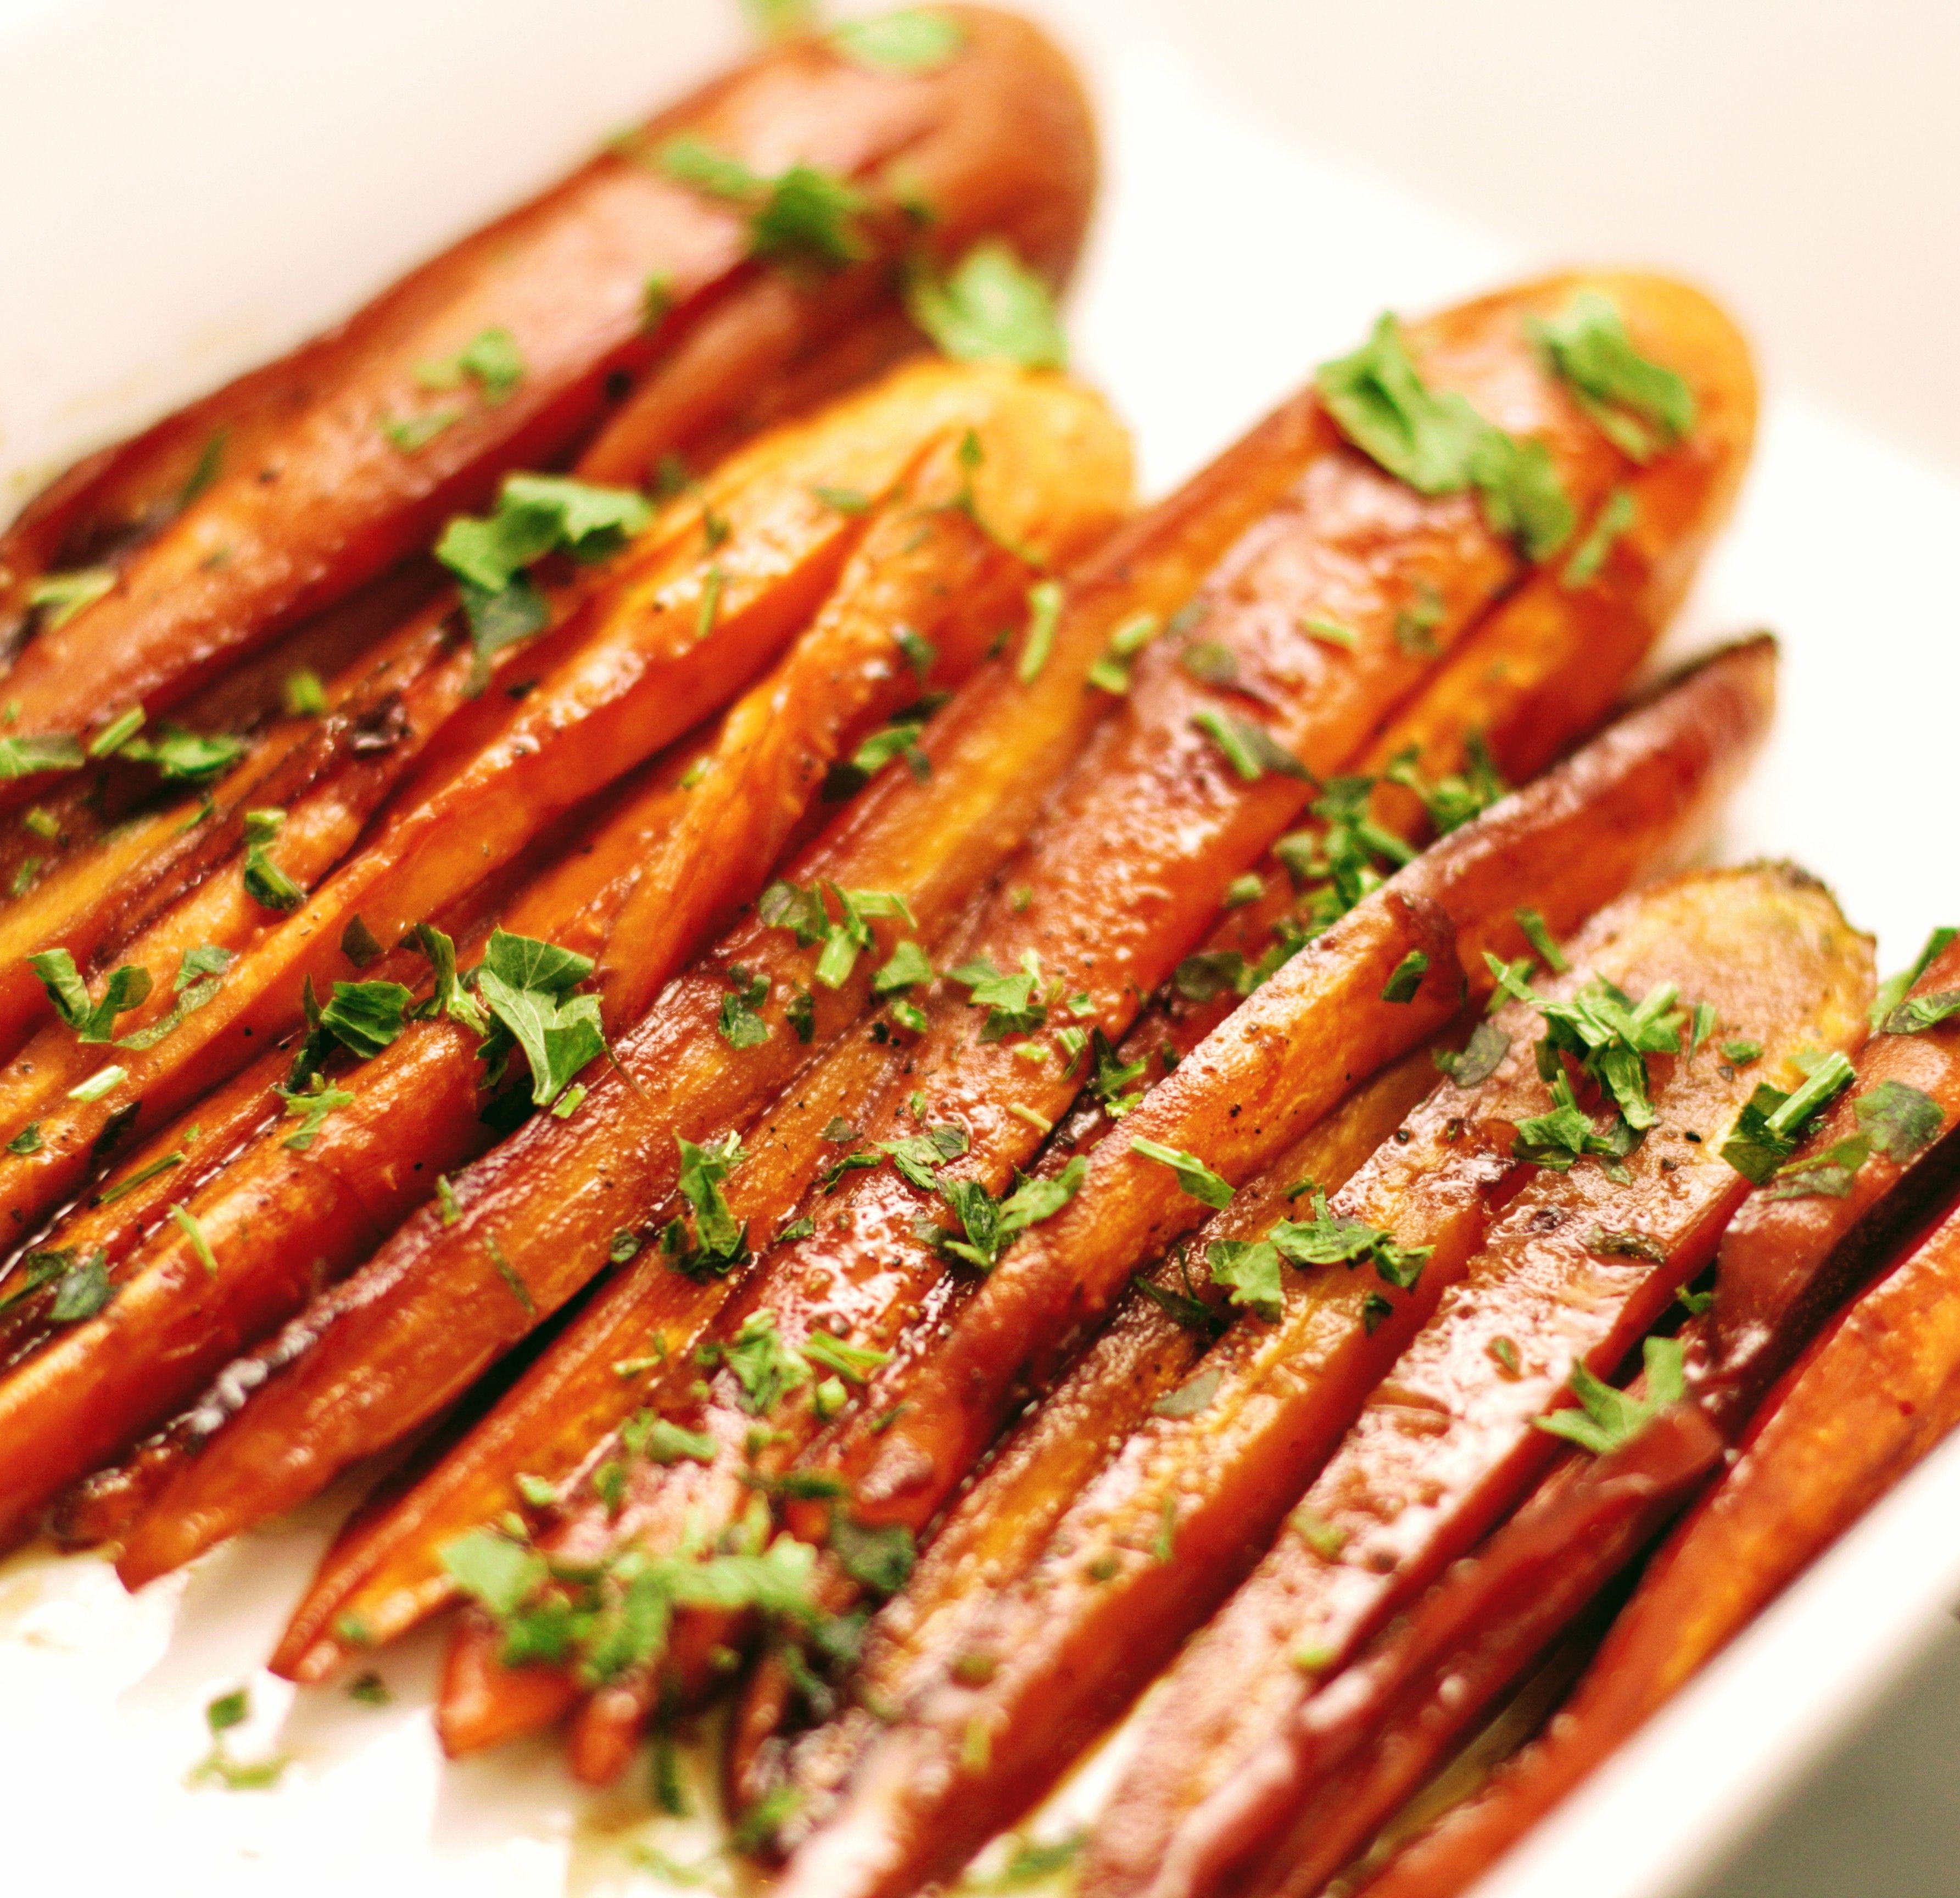 Zanahorias Al Horno En Manteca Ajo Y Miel Zanahorias Al Horno Receta Verduras Al Horno Verduras Asadas Con un pelador, cortar las zanahorias en tiras a lo largo. zanahorias al horno en manteca ajo y